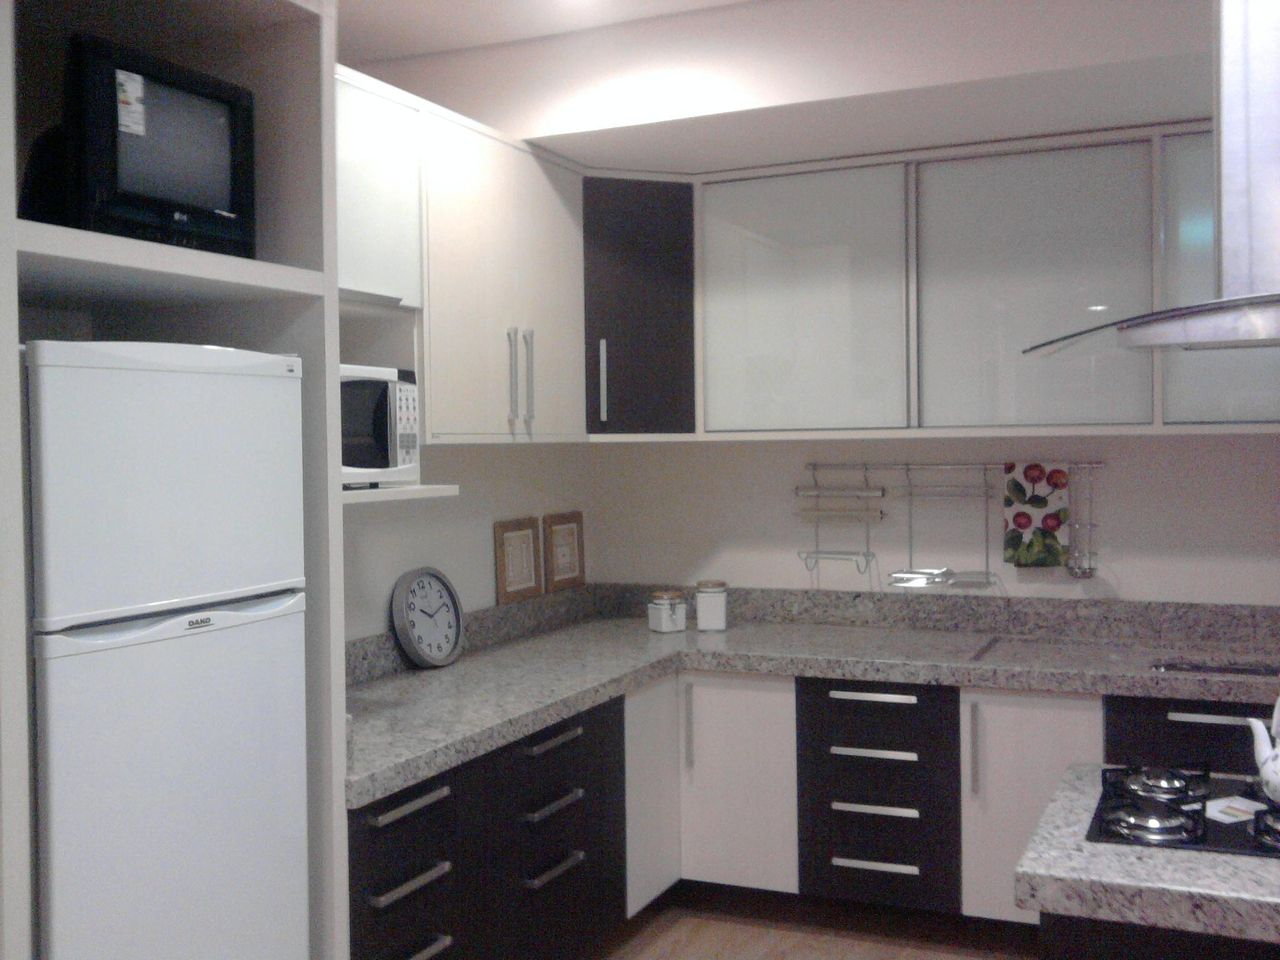 Cozinha Planejada Em Preto E Branco De Heloisa Leal 42728 No Viva